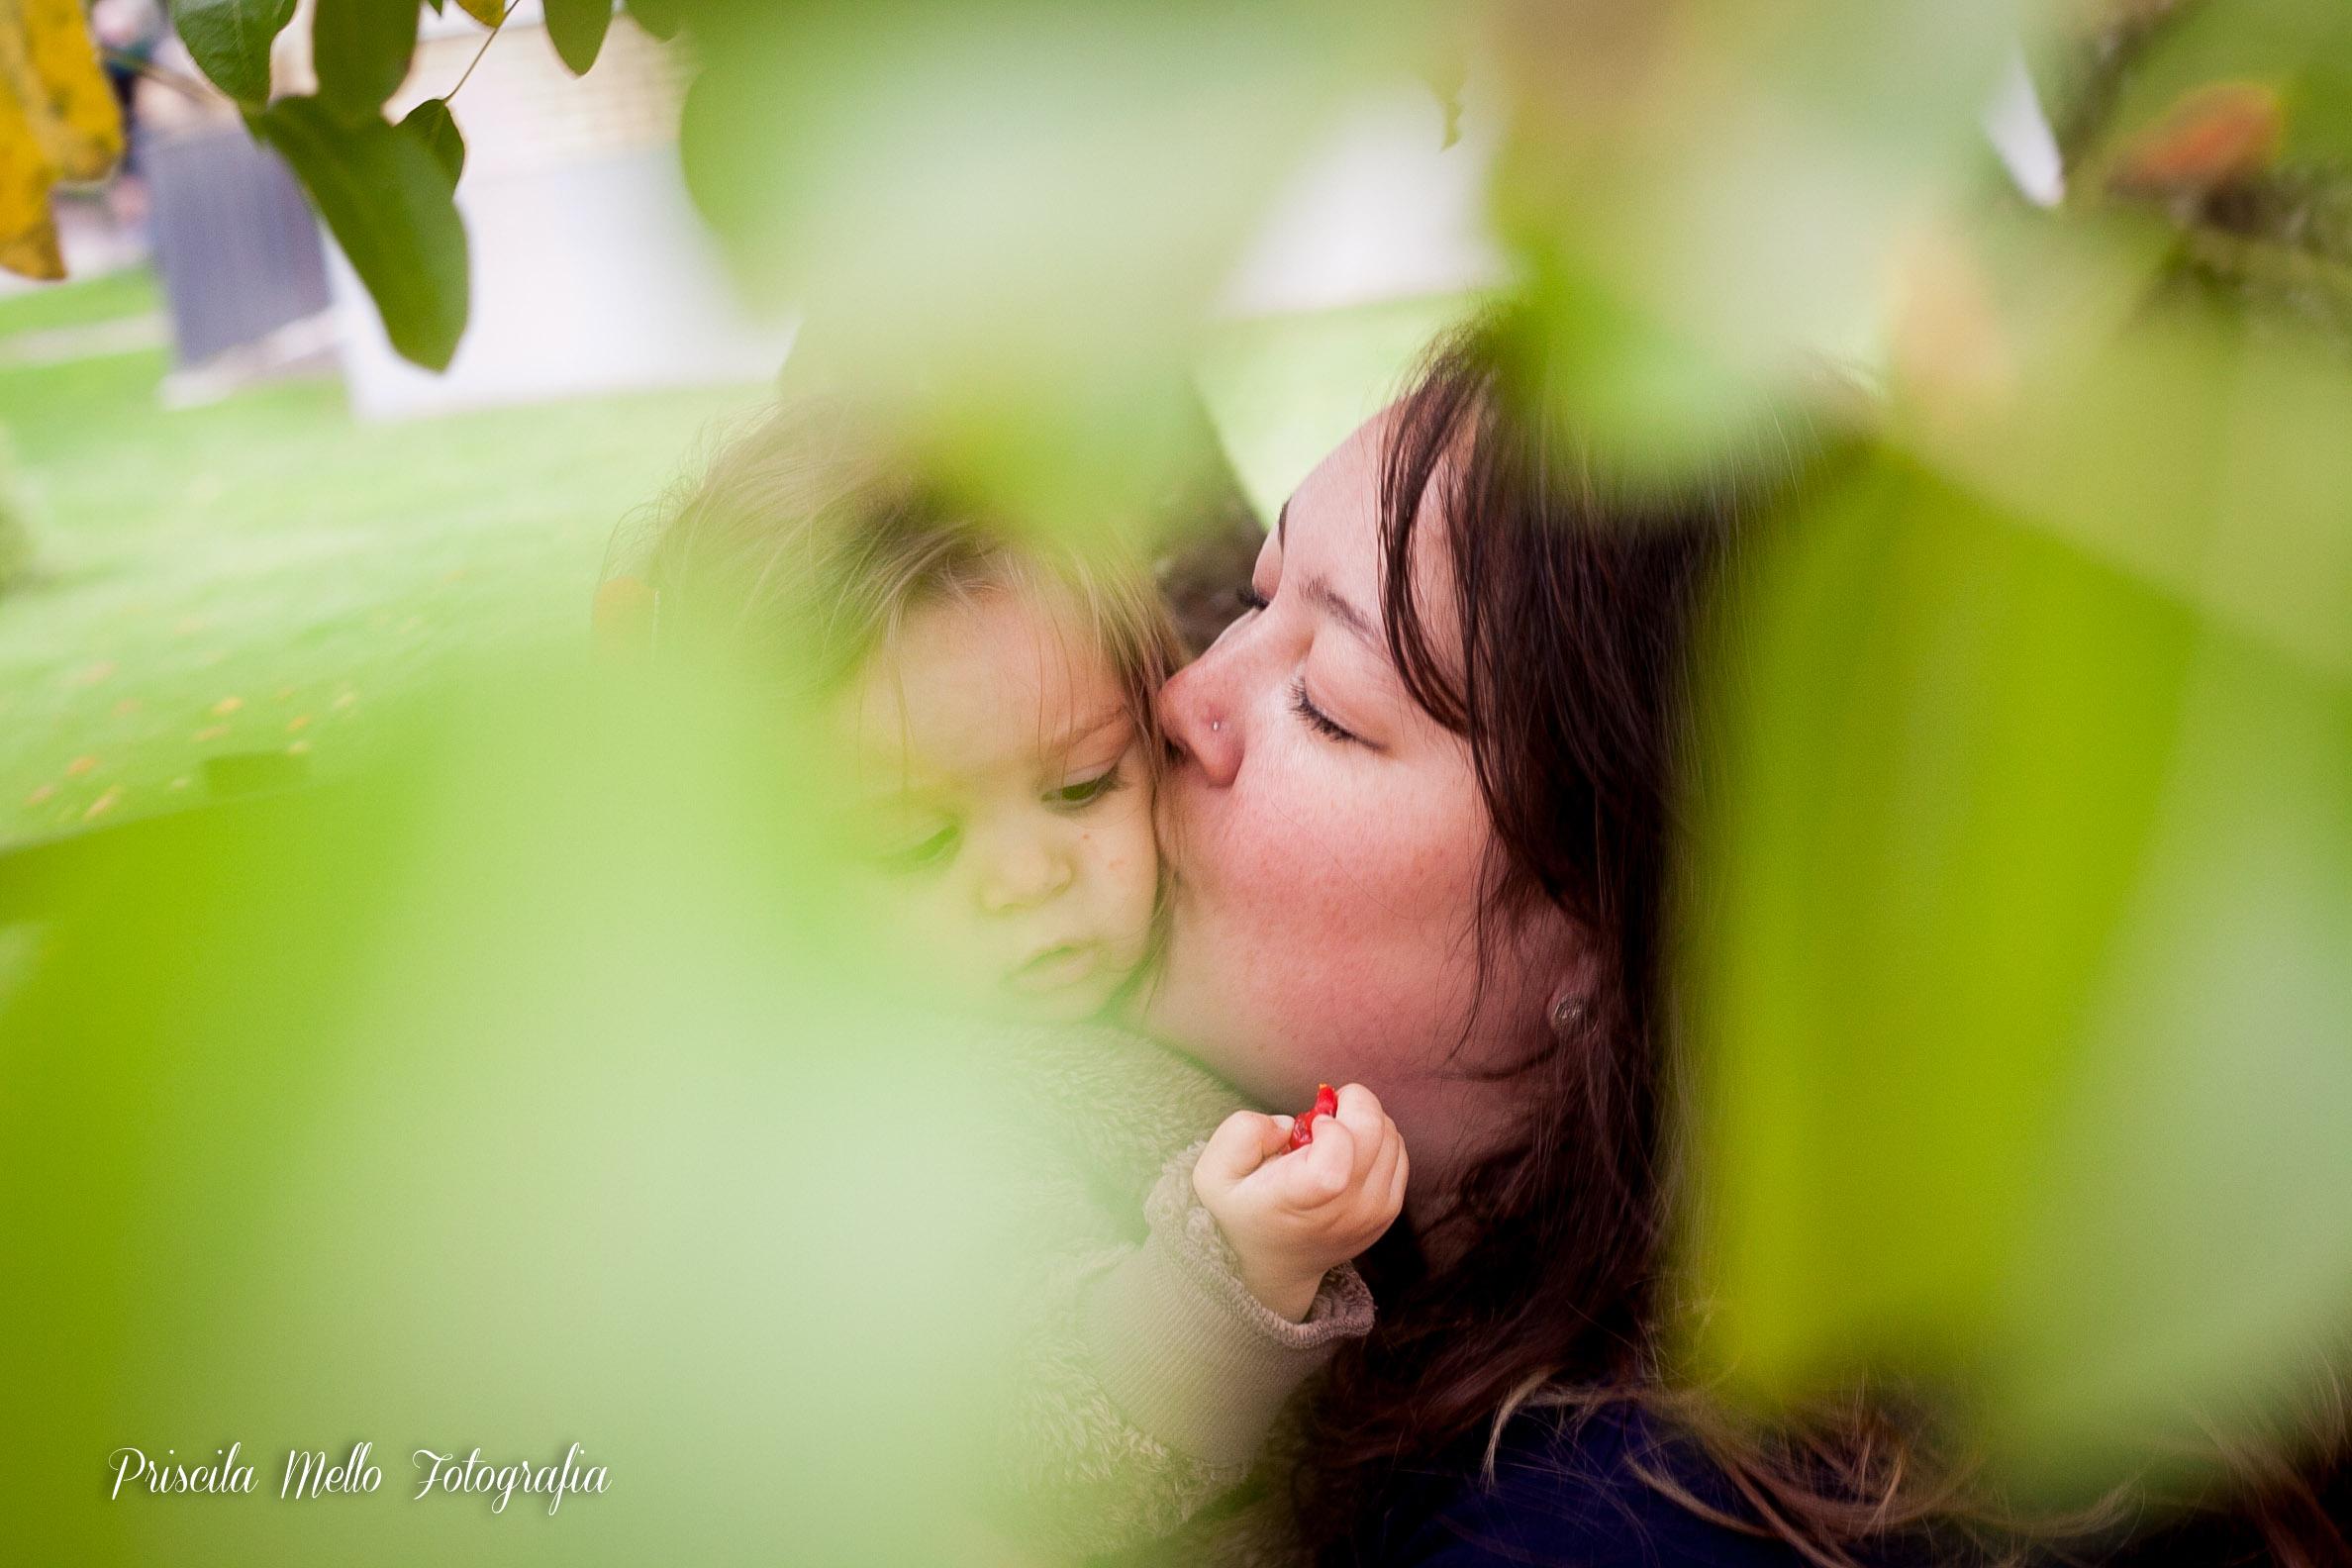 Priscila Mello Fotografia (17)